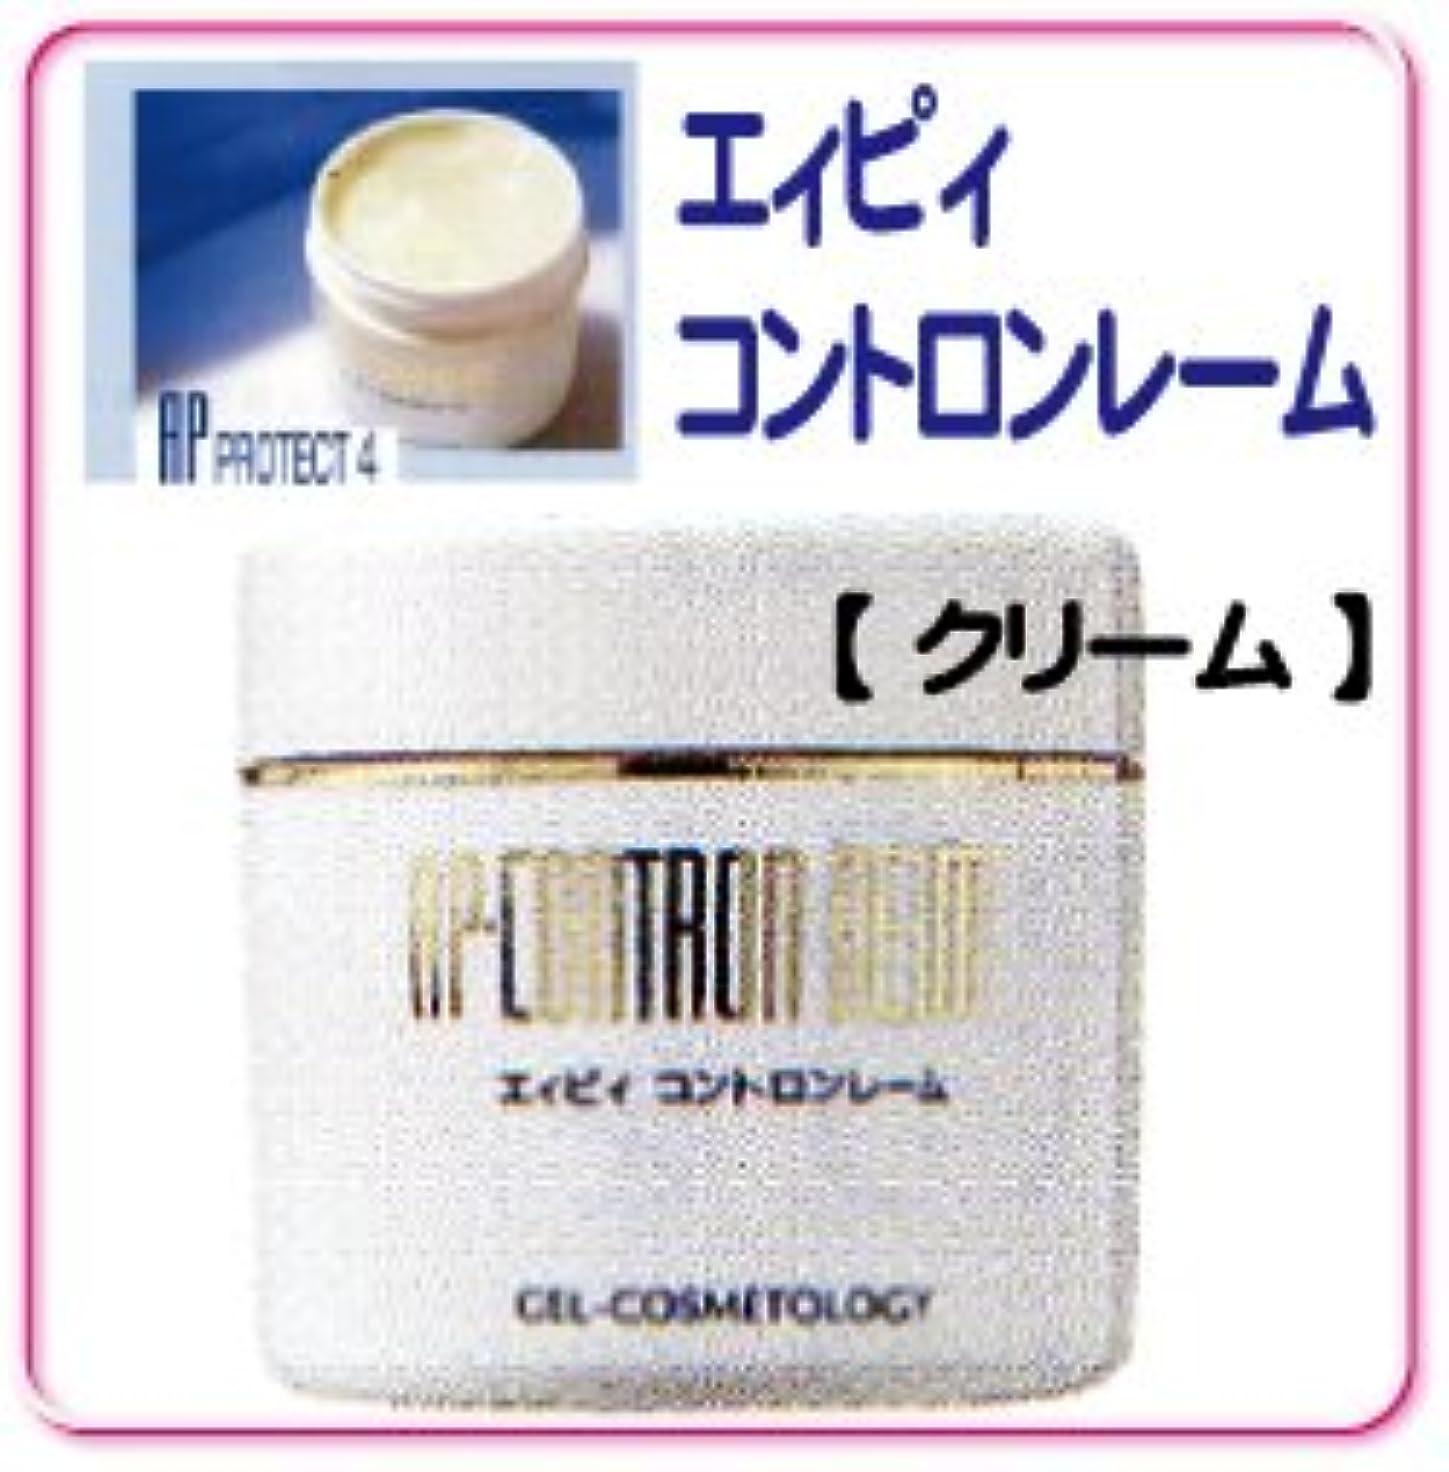 ベルマン化粧品 APprotectシリーズ  コントロンレーム  敏感肌用クリーム 110g